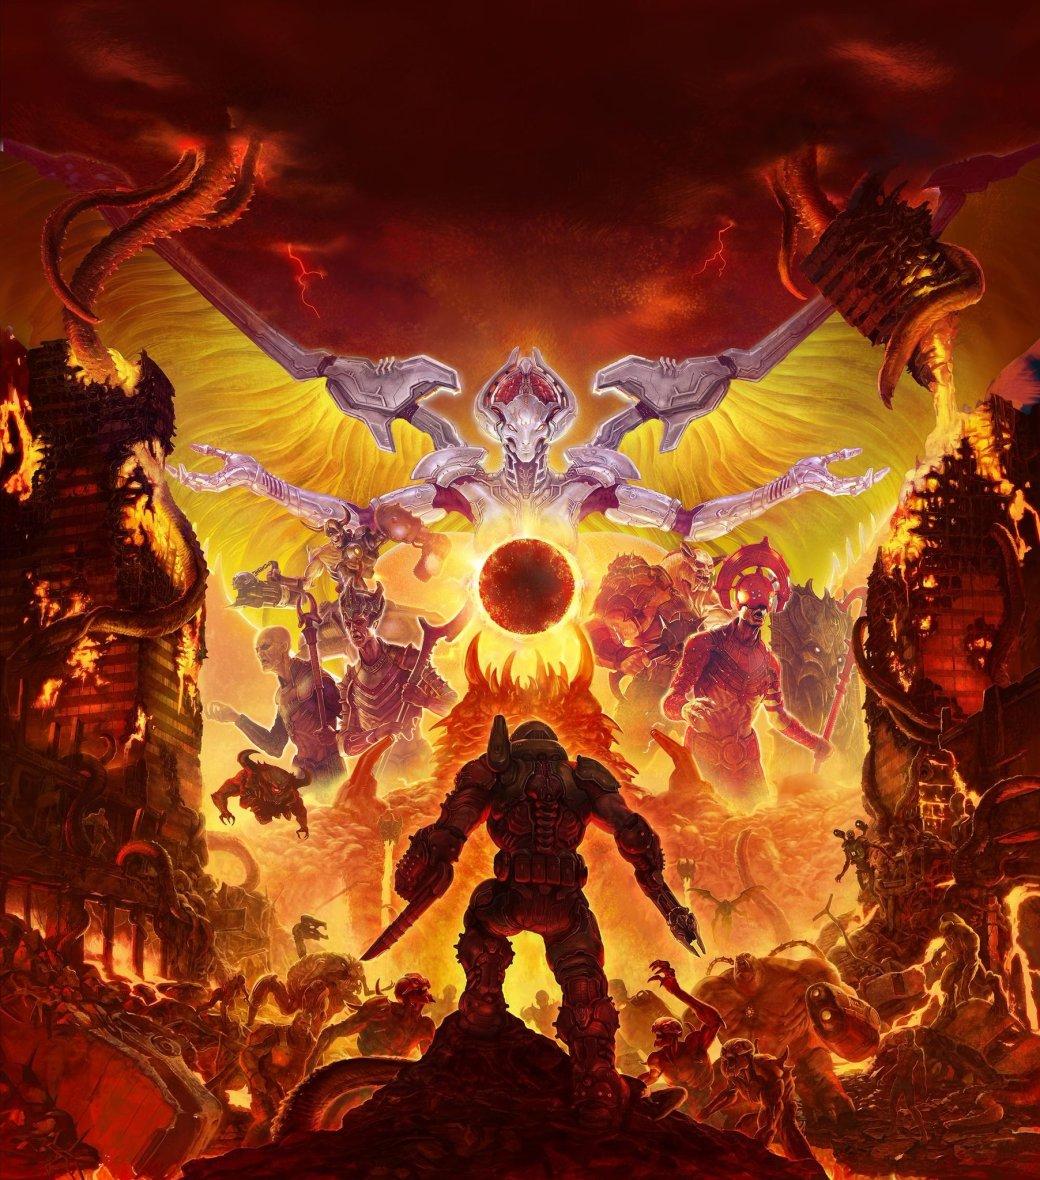 Создатели Doom Eternal показали несколько постеров и пачку скриншотов игры | Канобу - Изображение 3